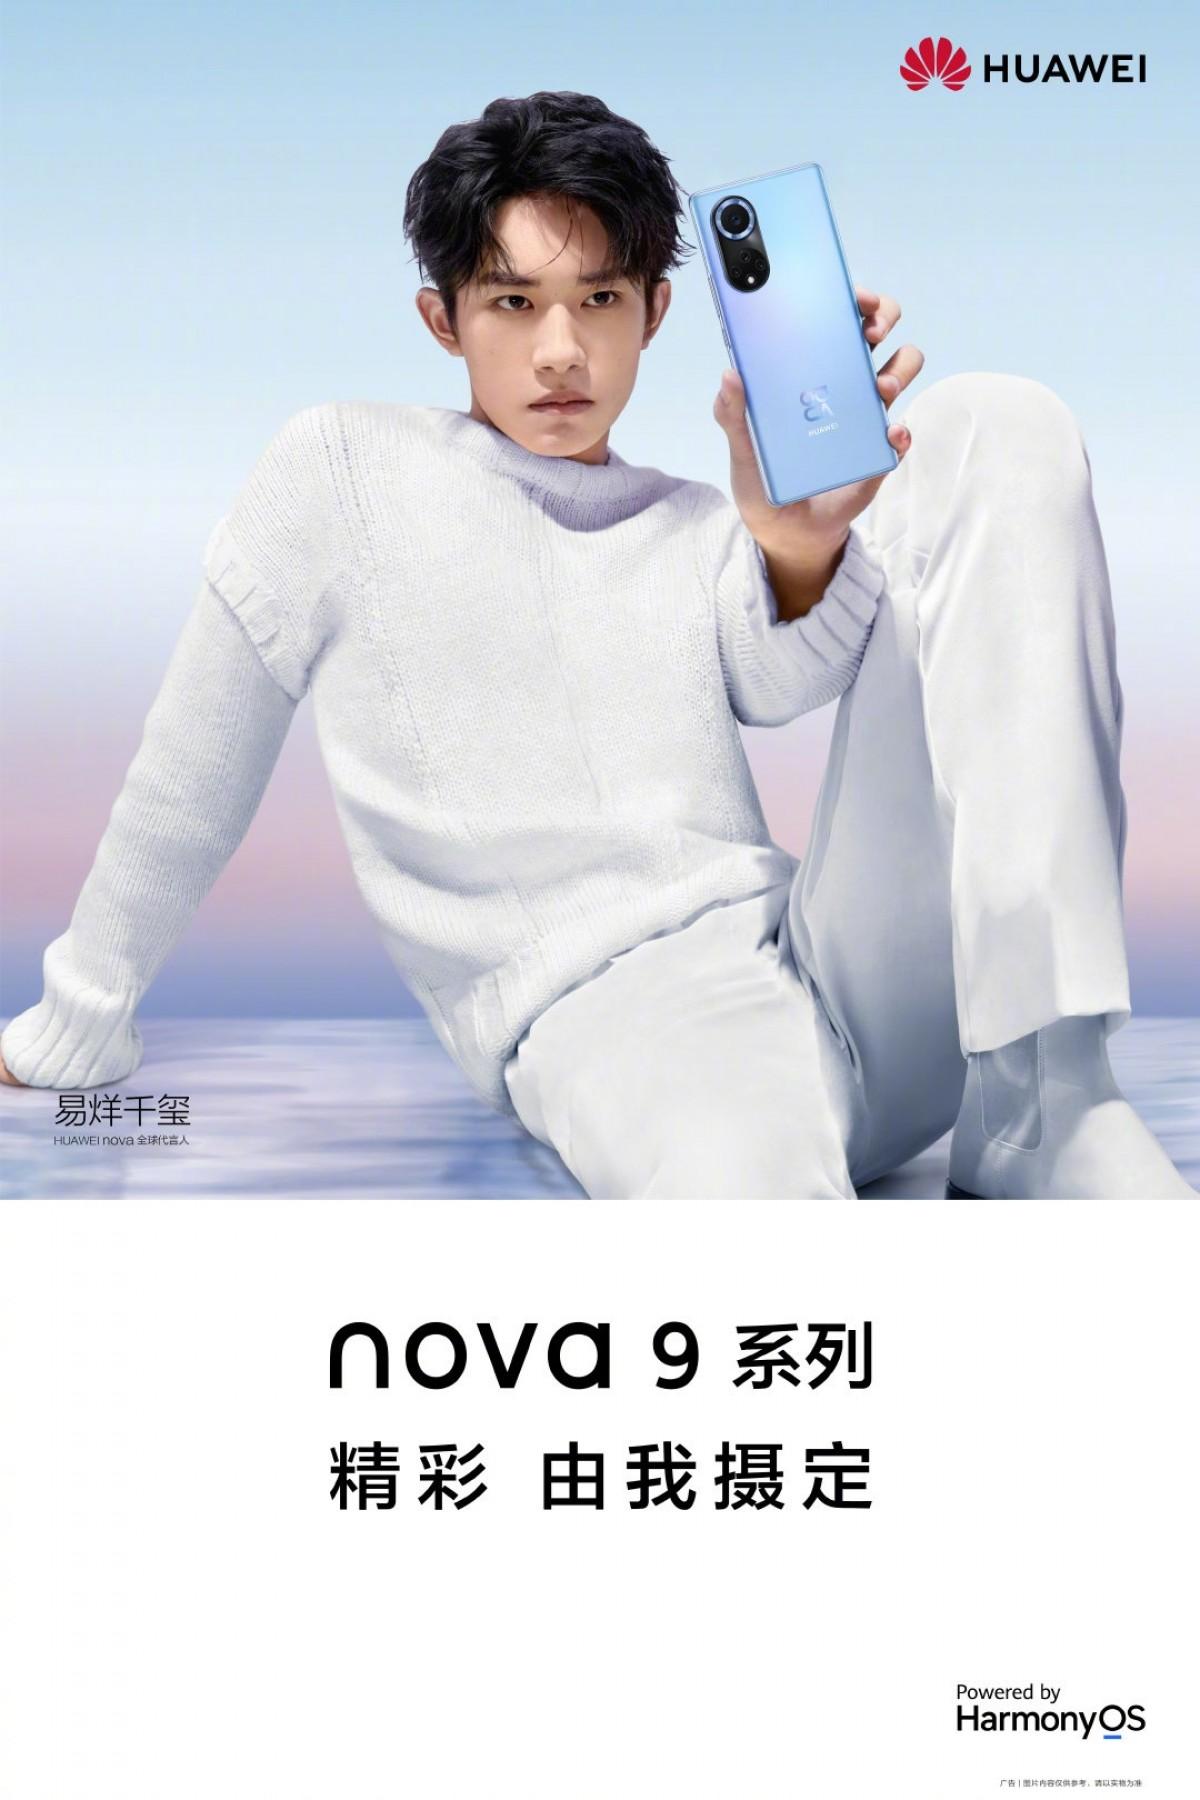 Huawei Nova 9 visas upp 9 september